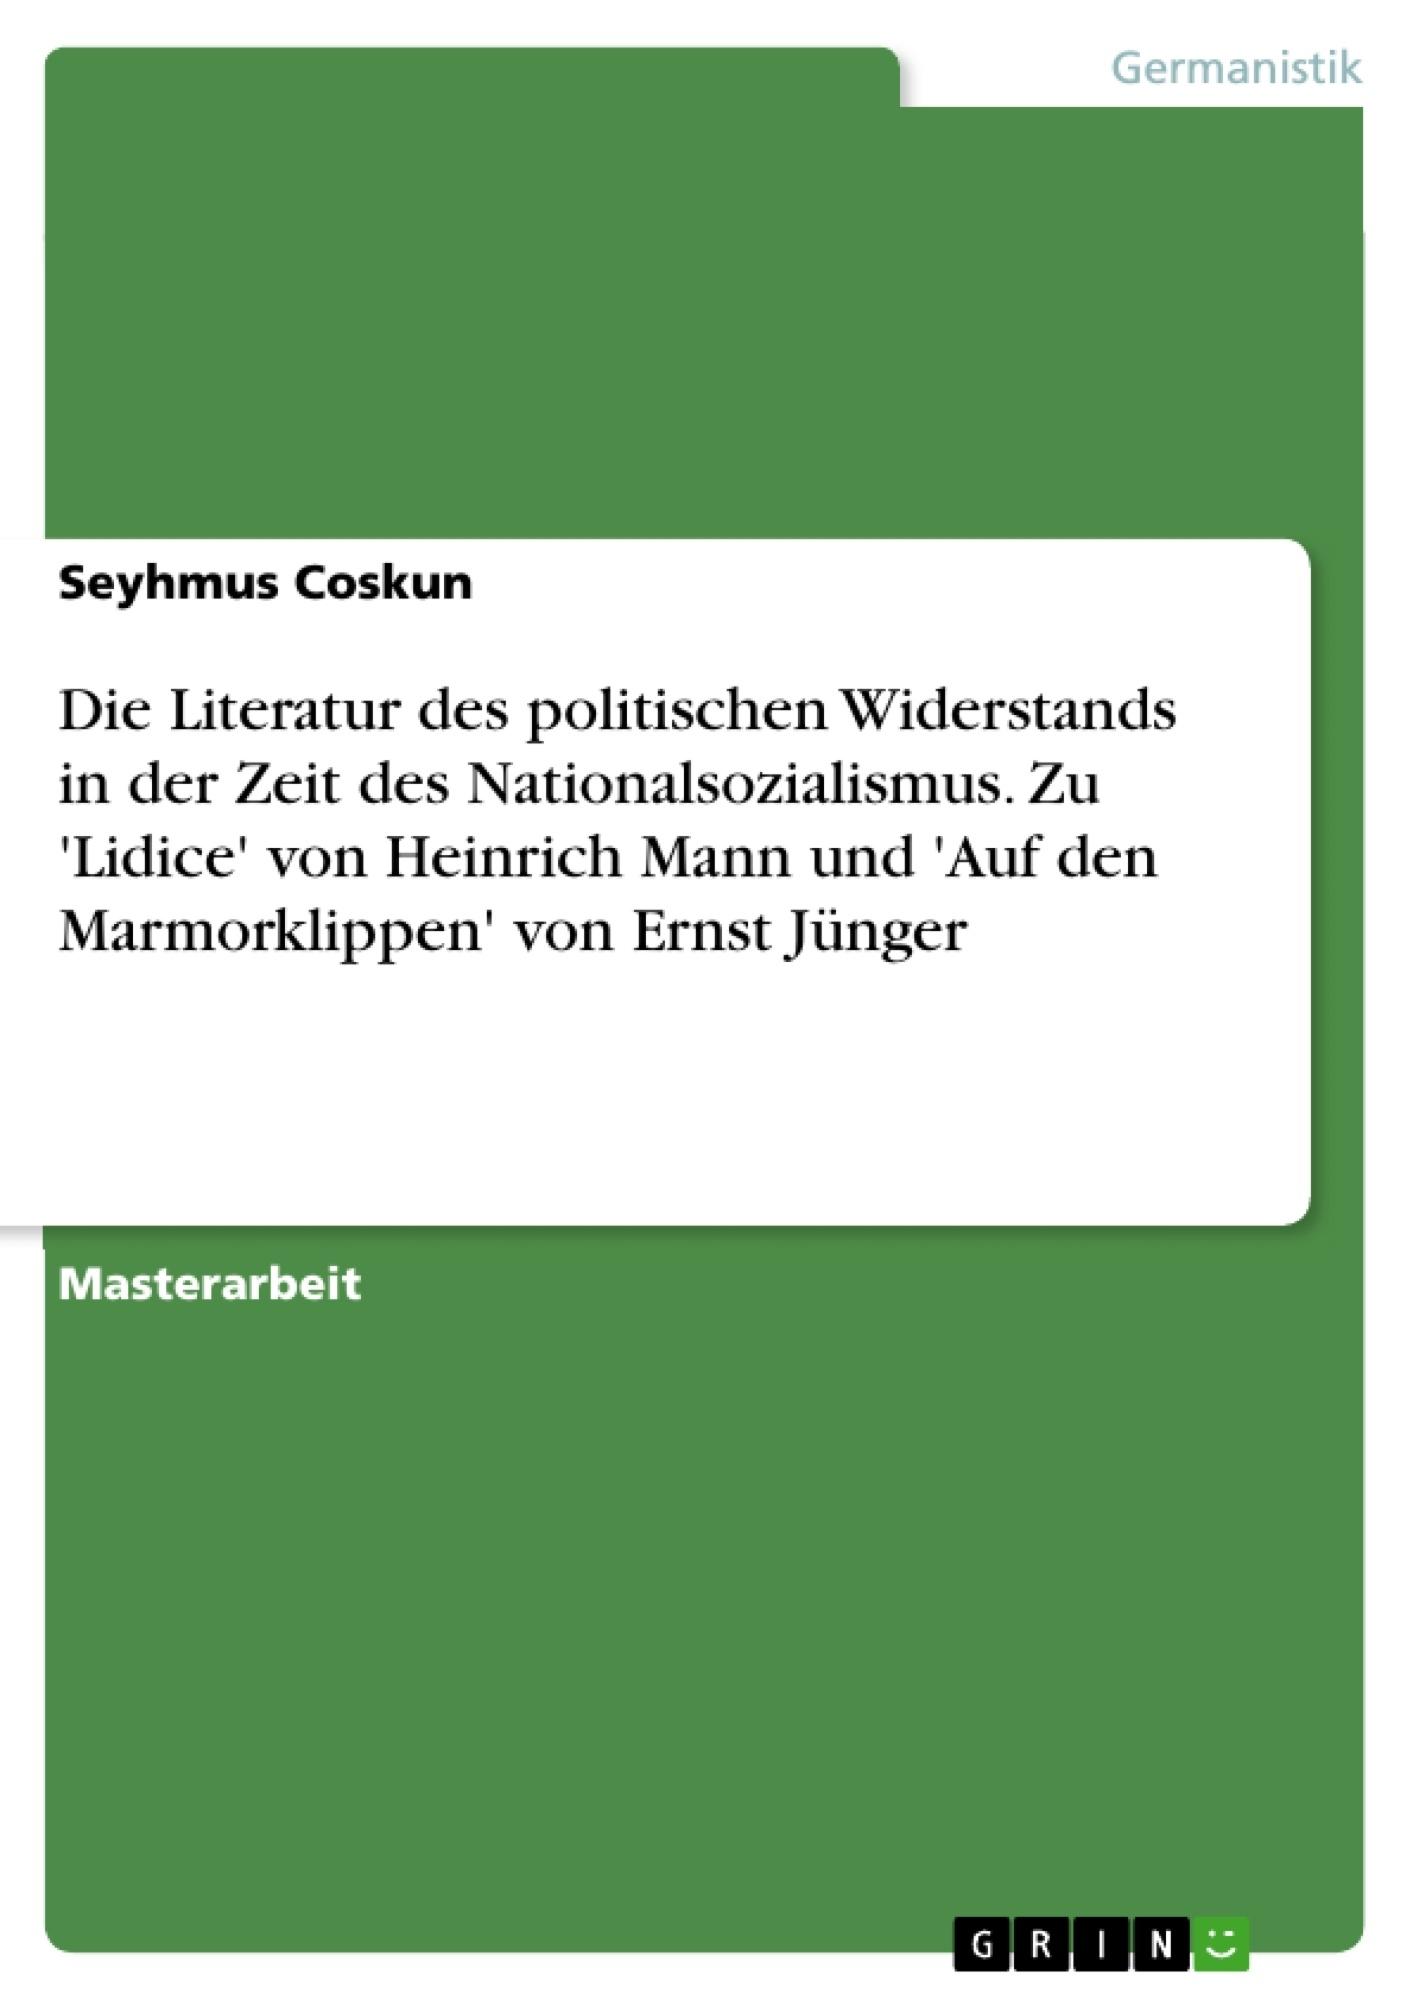 Titel: Die Literatur des politischen Widerstands in der Zeit des Nationalsozialismus. Zu 'Lidice' von Heinrich Mann und 'Auf den Marmorklippen' von Ernst Jünger